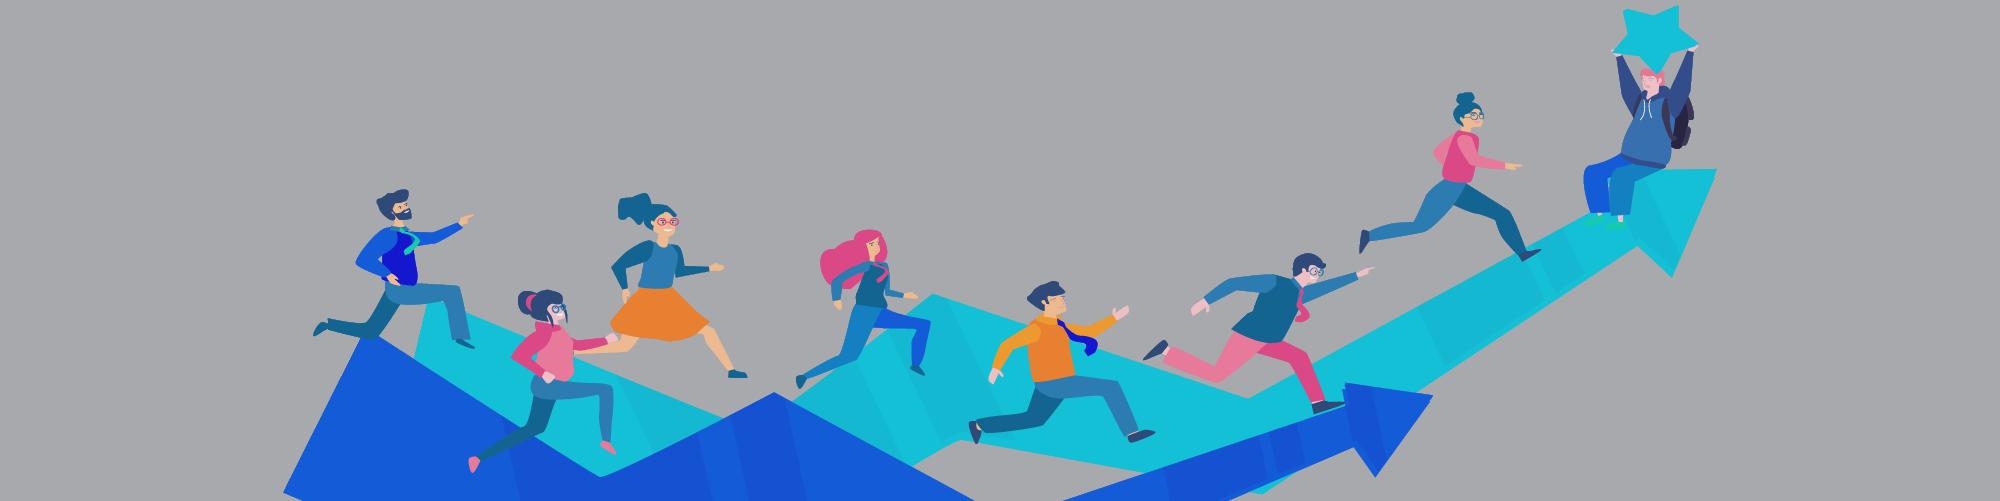 video 3 image - leadership team